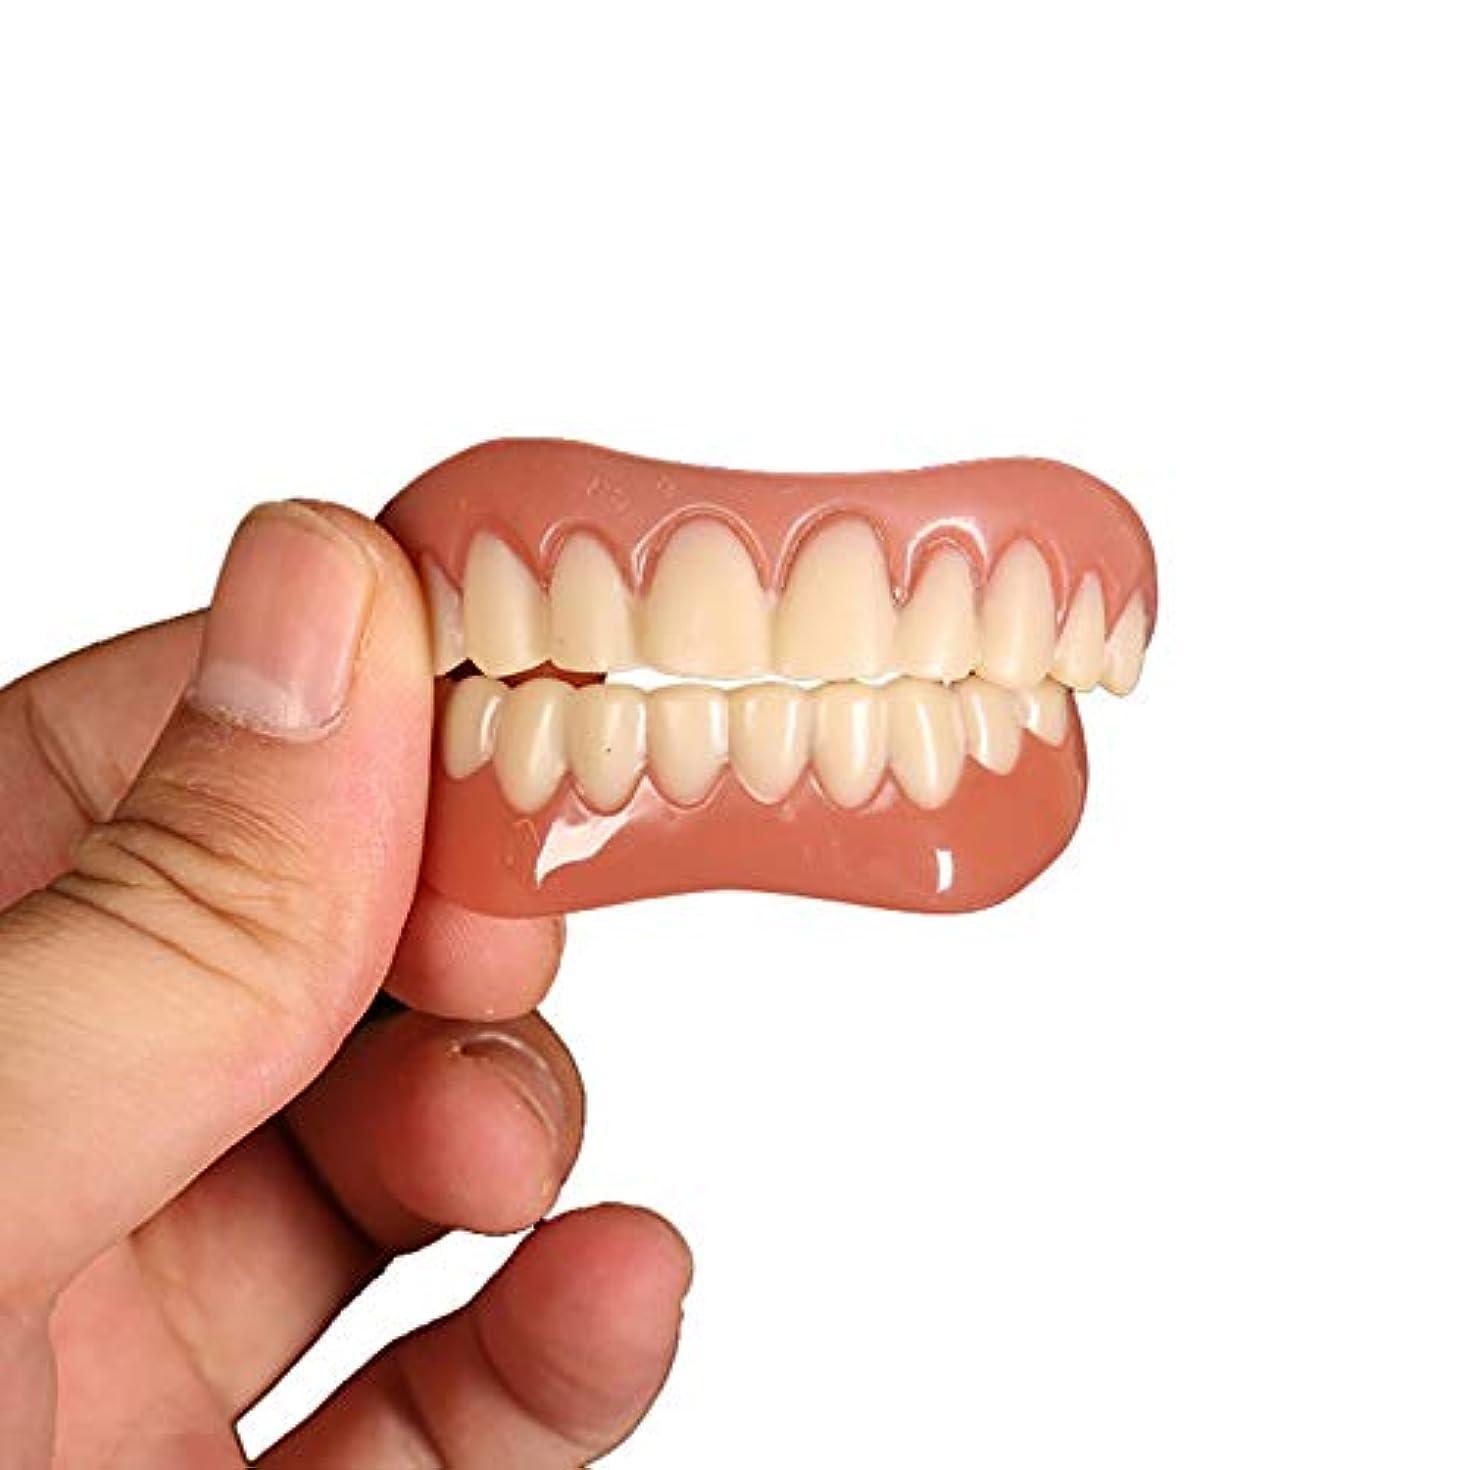 死ぬ誇りに思う極めて2対歯科用ベニア快適なフィット歯のトップとボトム化粧品のベニヤワンサイズフィットすべての義歯接着剤歯偽義歯歯笑顔